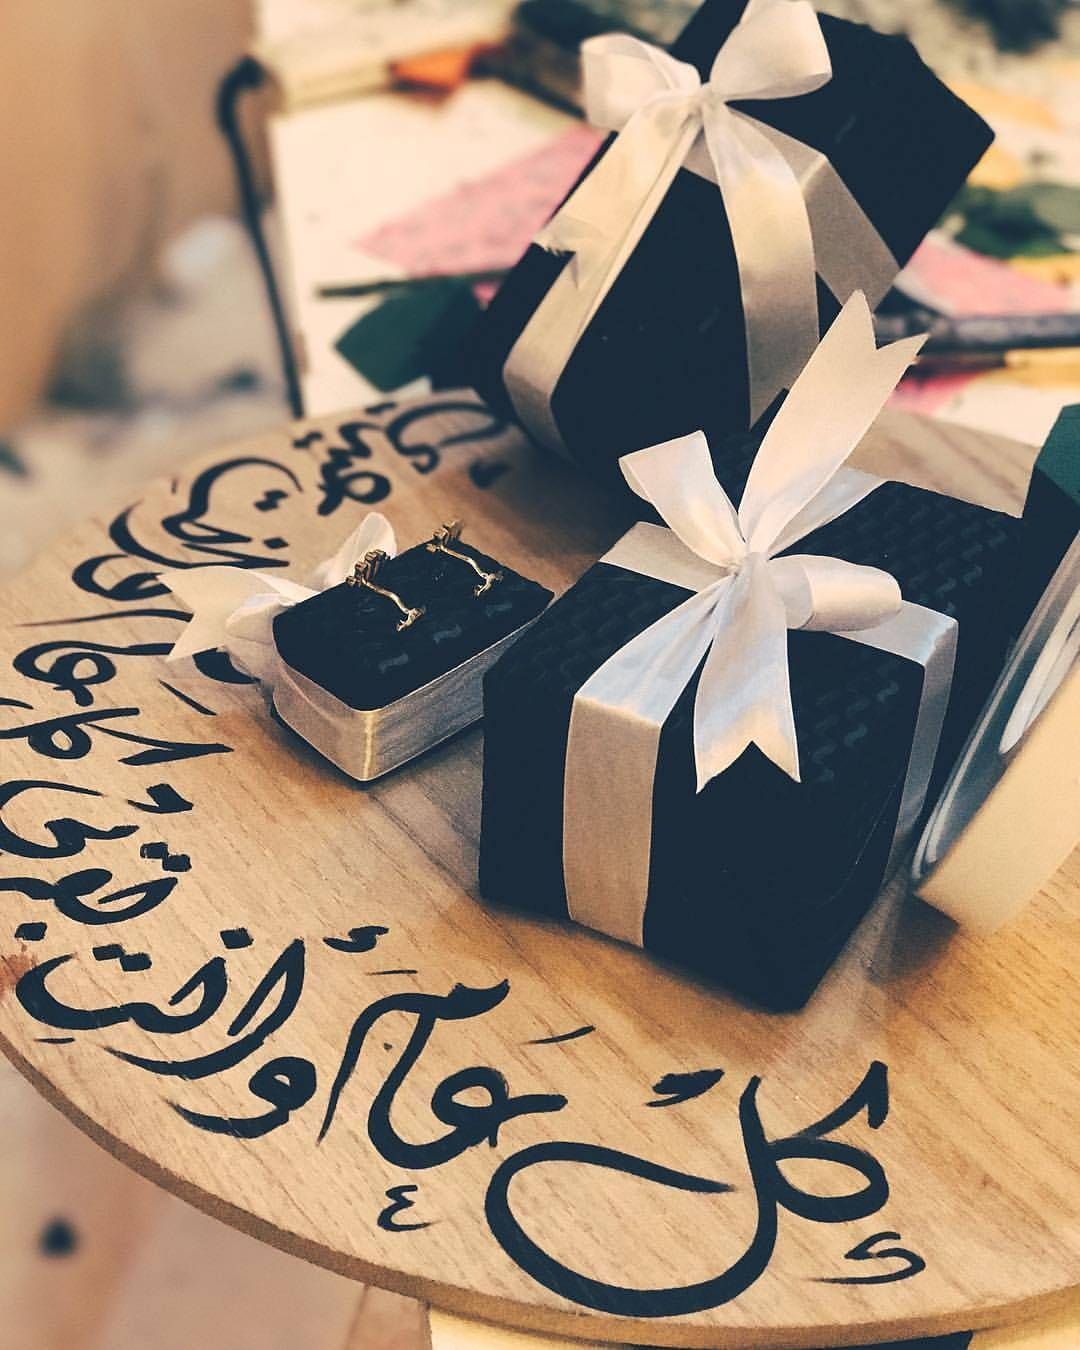 ㅤ كل عام وانت بقربي كل عام وانت عيدي ㅤ By Naiv1 ㅤ 1 لترشيحها كصورة الاسبوع بتعليق منفصل 10 2 التقييم مـن 5 ـــ Quran Quotes Verses Quran Quotes Gifts